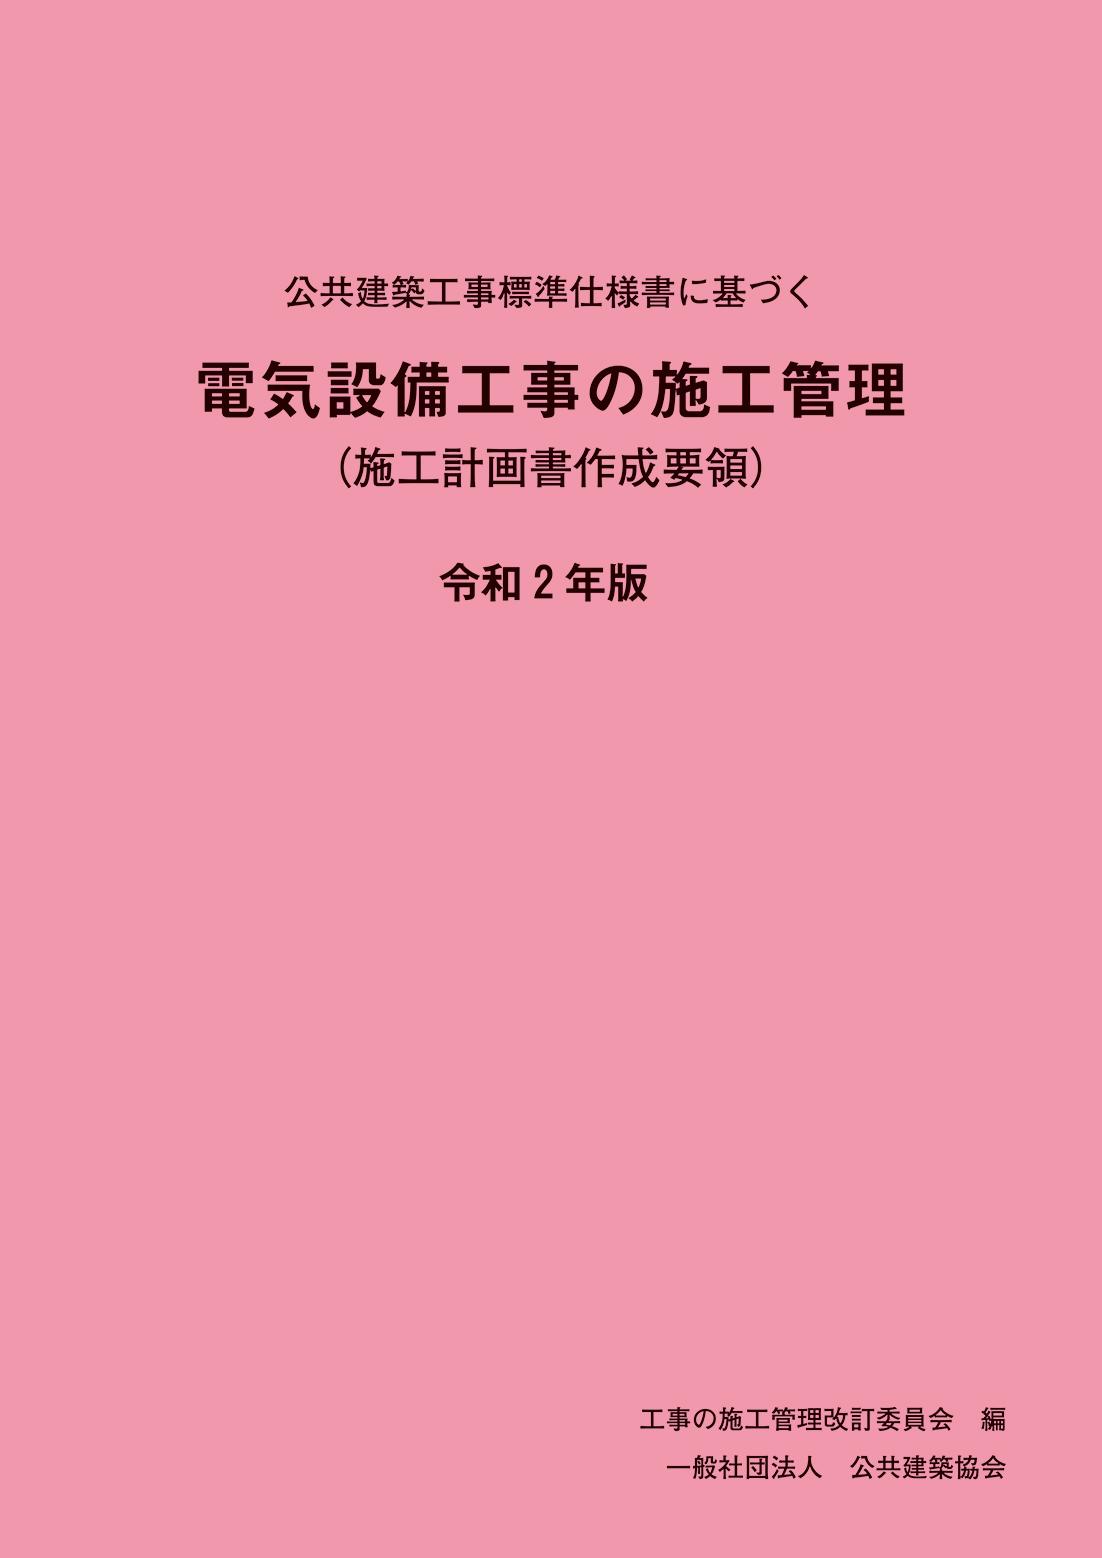 公共建築工事標準仕様書に基づく電気設備工事の施工管理(施工計画書作成要領)令和2年版